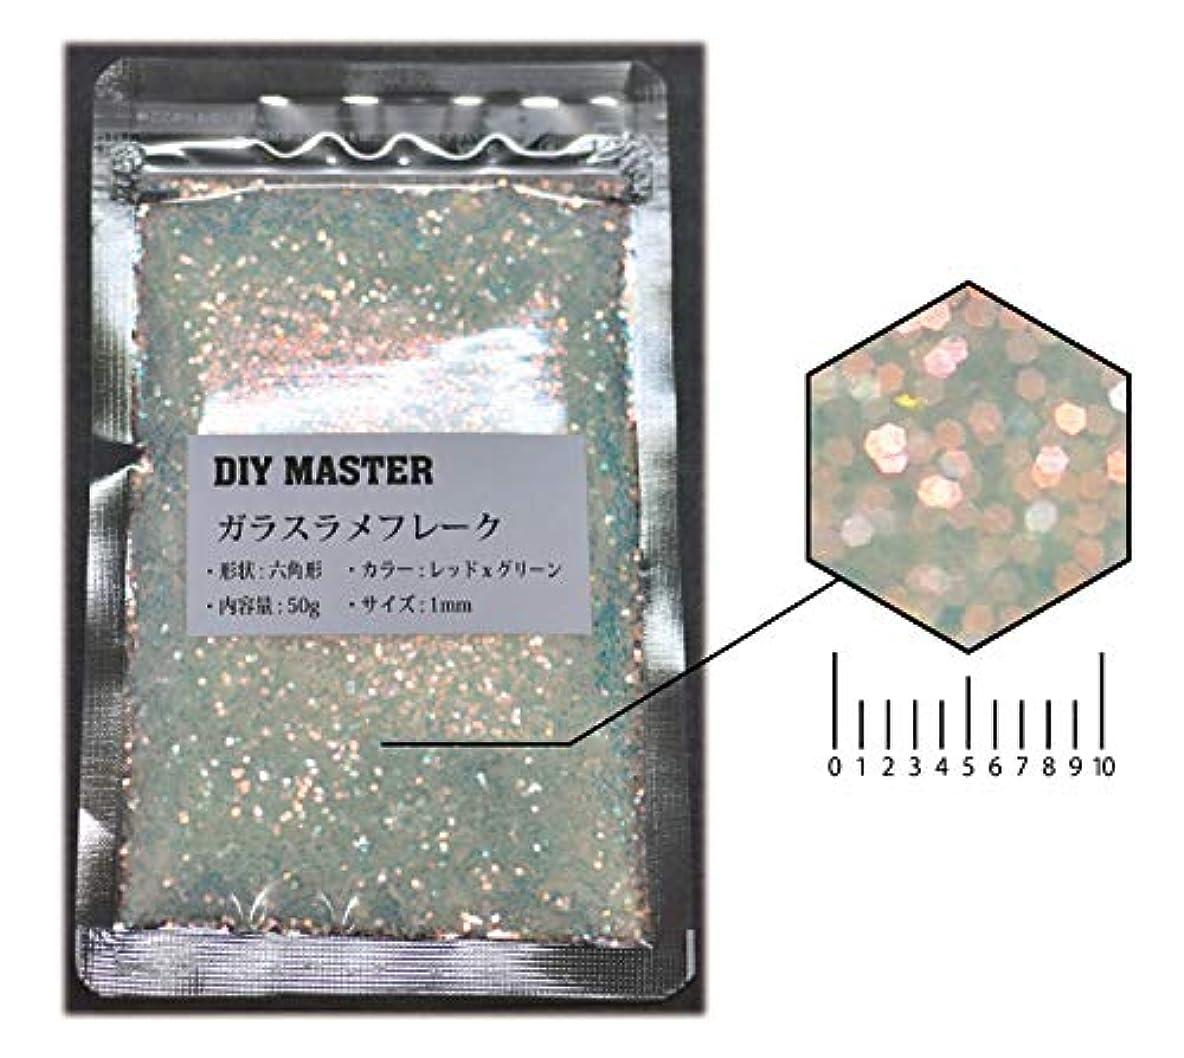 バックアップ努力リムDIY MASTER ガラスラメフレーク (偏光) レッドxグリーン 1mm 50g